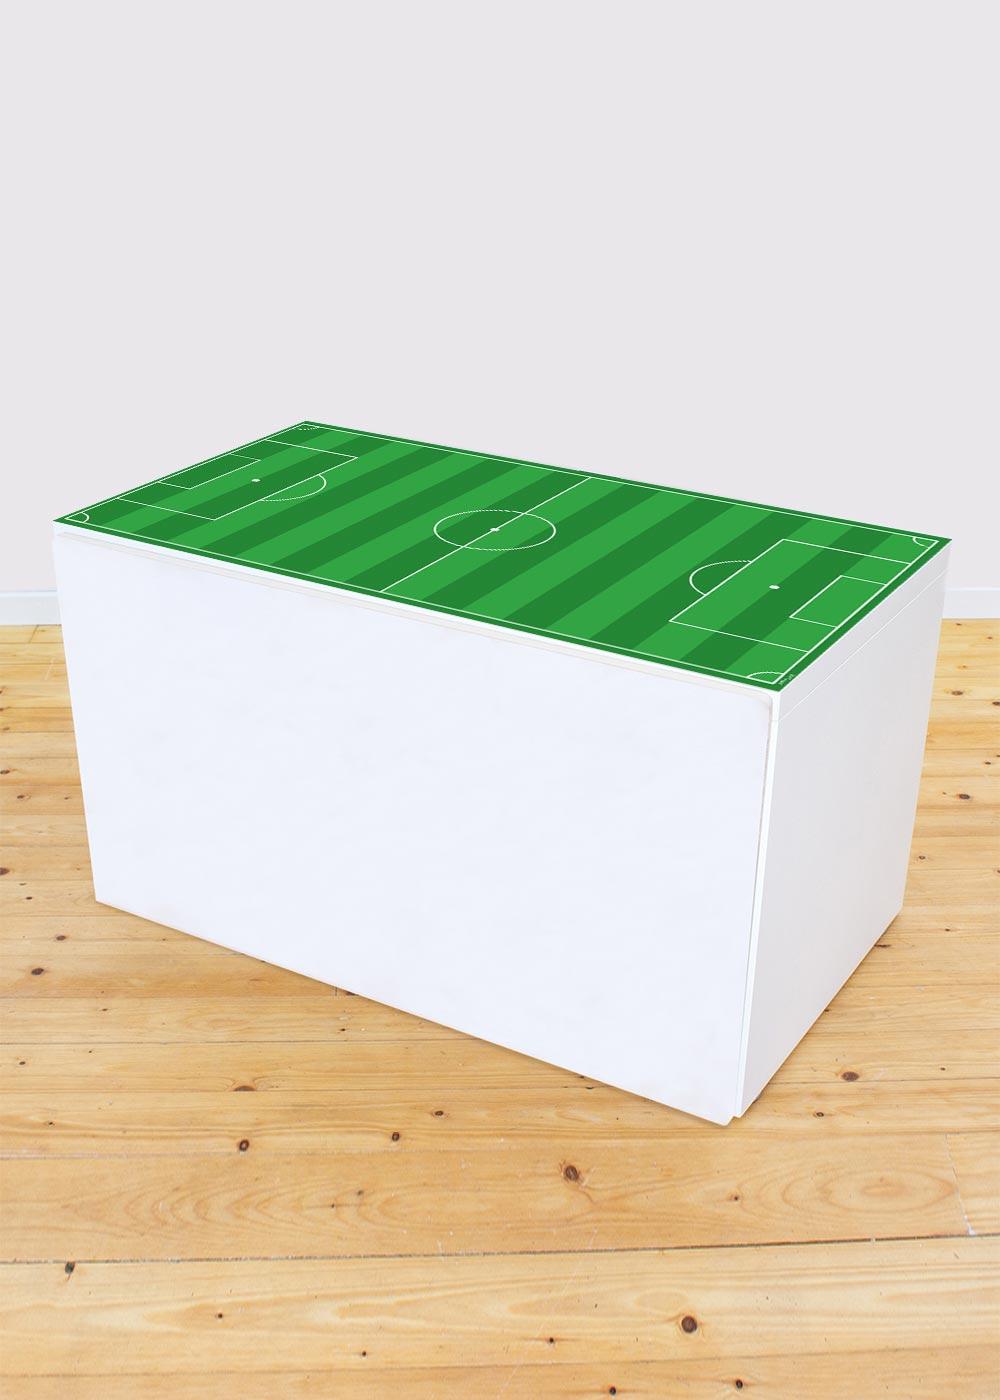 Ikea Smastad Bank Fussballfeld grün Gesamtansicht